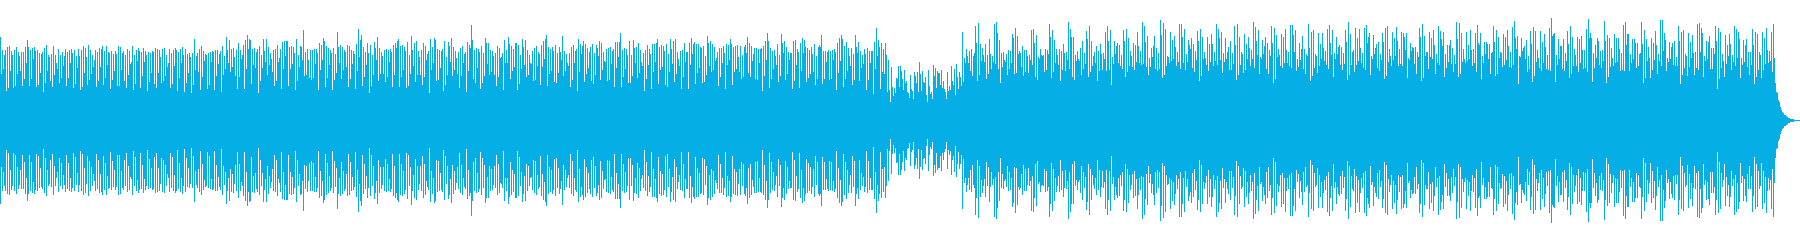 オープニング・プレゼン・軽快・ポップスの再生済みの波形